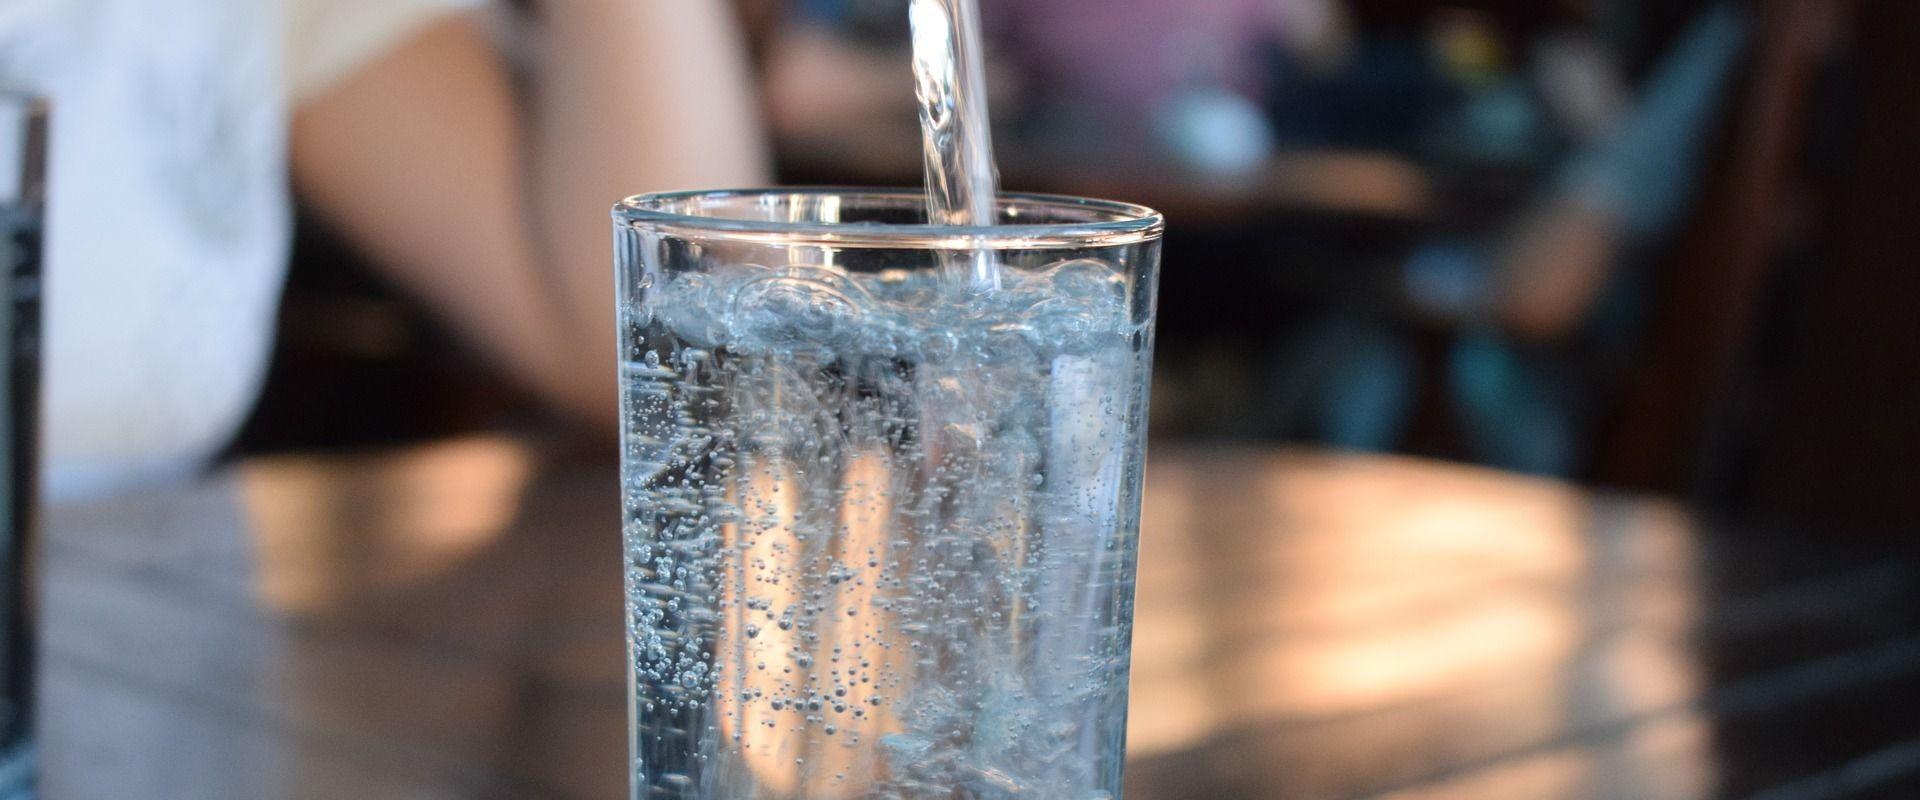 Gmina Pionki - bakterie coli w wodociągach